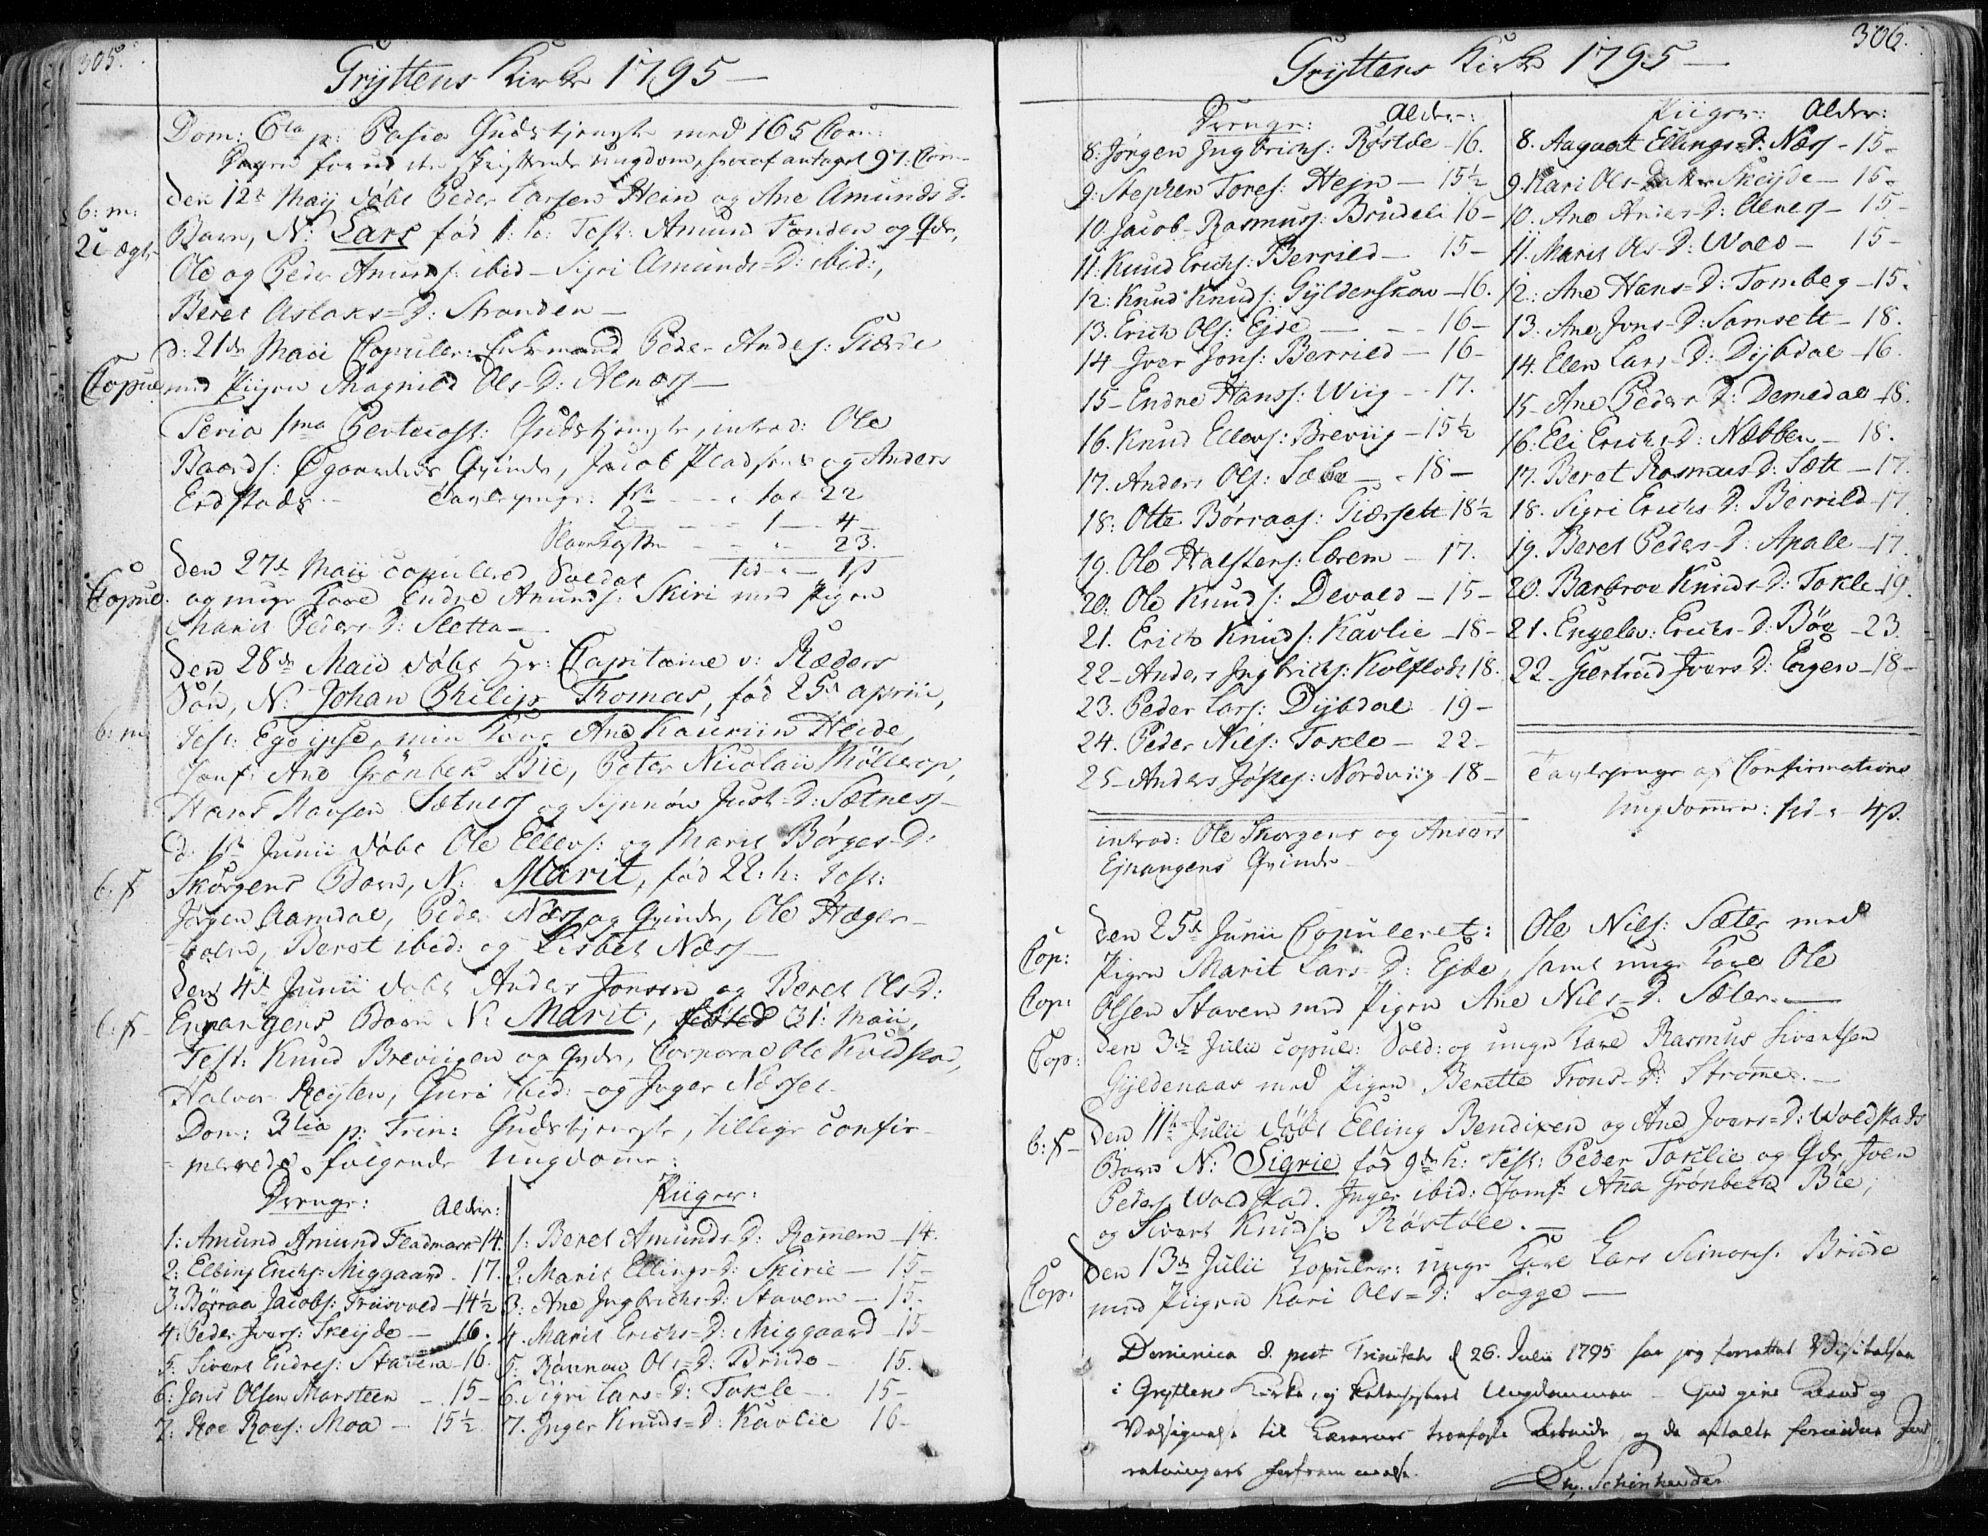 SAT, Ministerialprotokoller, klokkerbøker og fødselsregistre - Møre og Romsdal, 544/L0569: Ministerialbok nr. 544A02, 1764-1806, s. 305-306